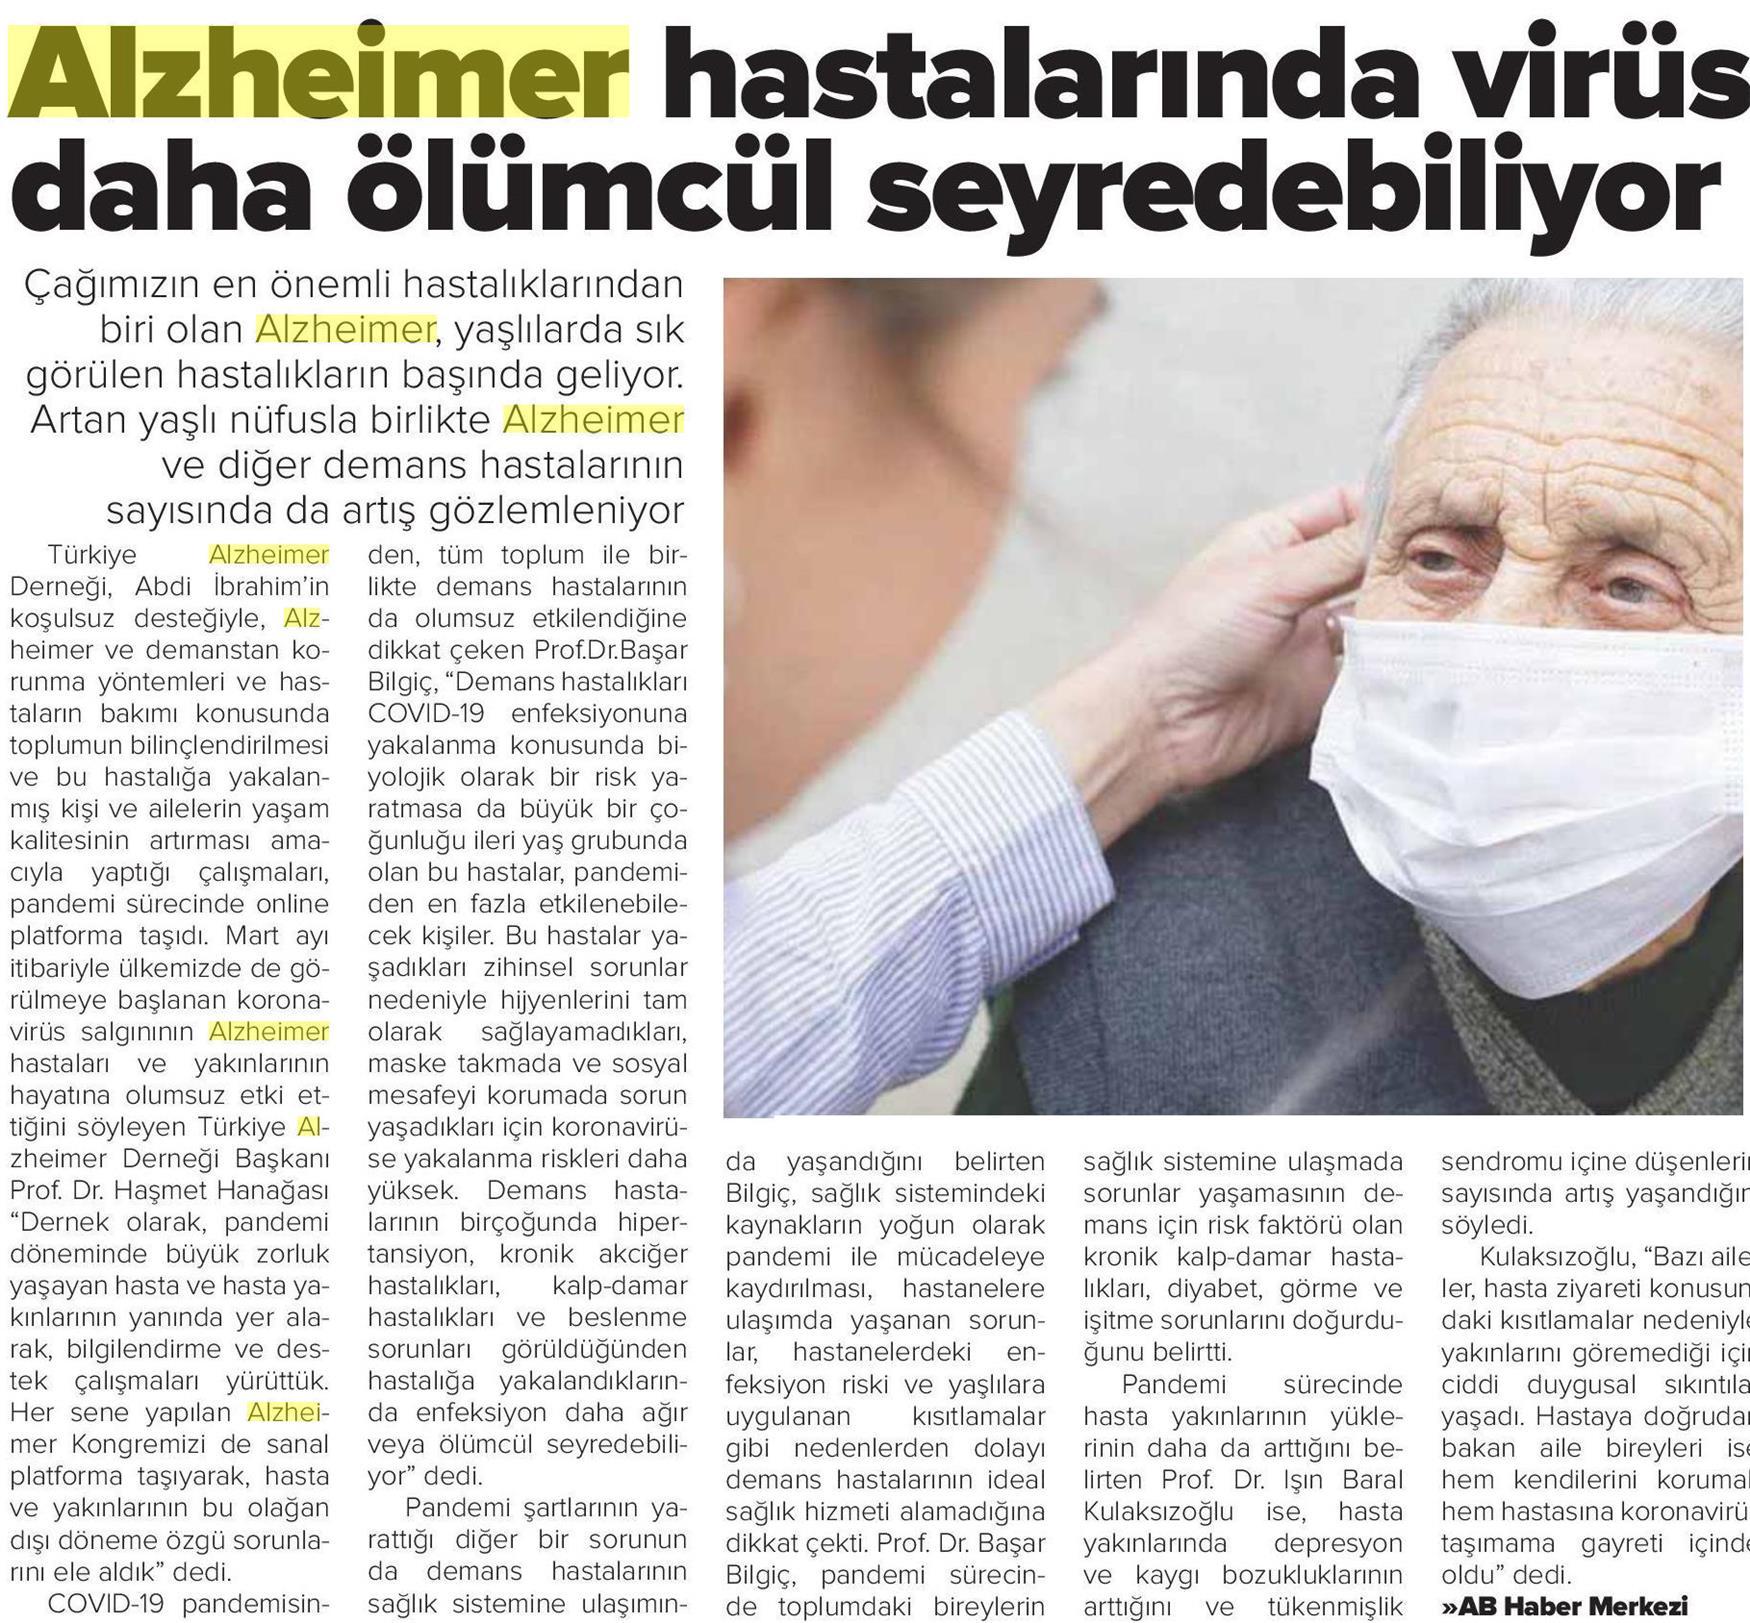 Alzheimer Hastaları Koronadan Daha Çok Etkileniyor